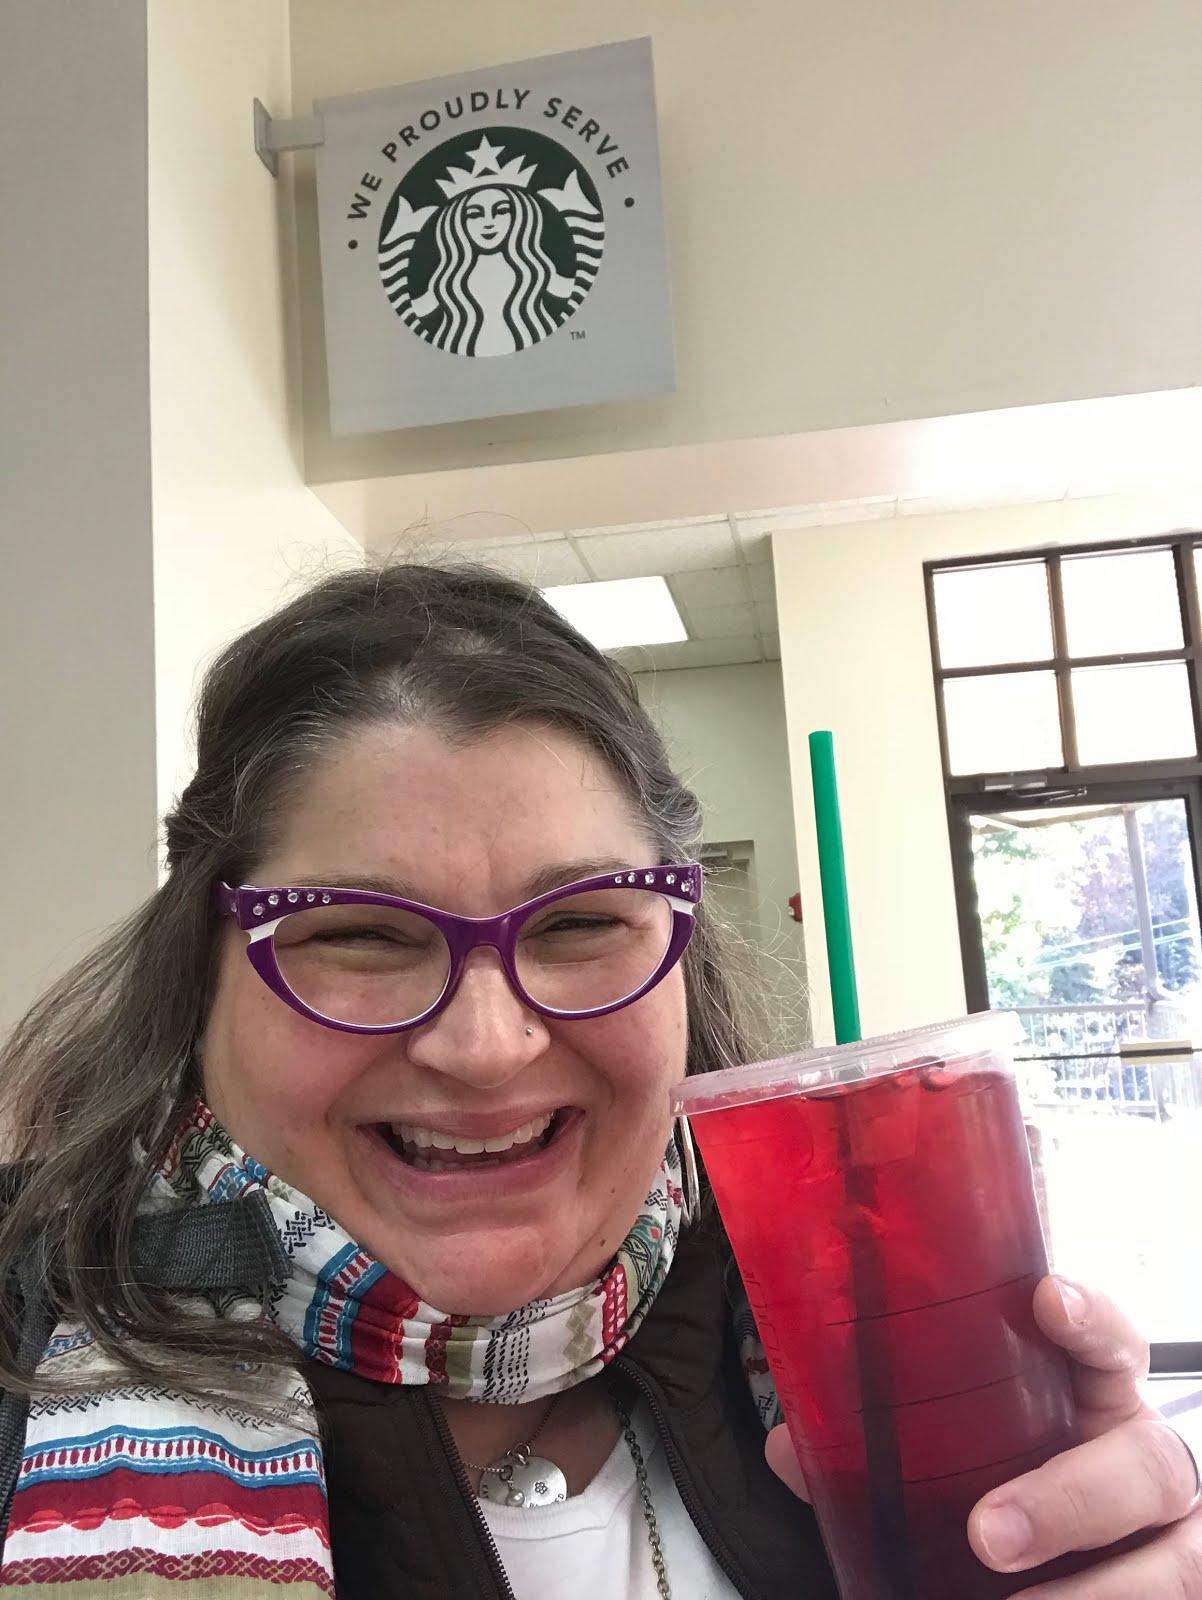 2017 Toccoa Falls Campus-GA, Starbucks Passion Tea